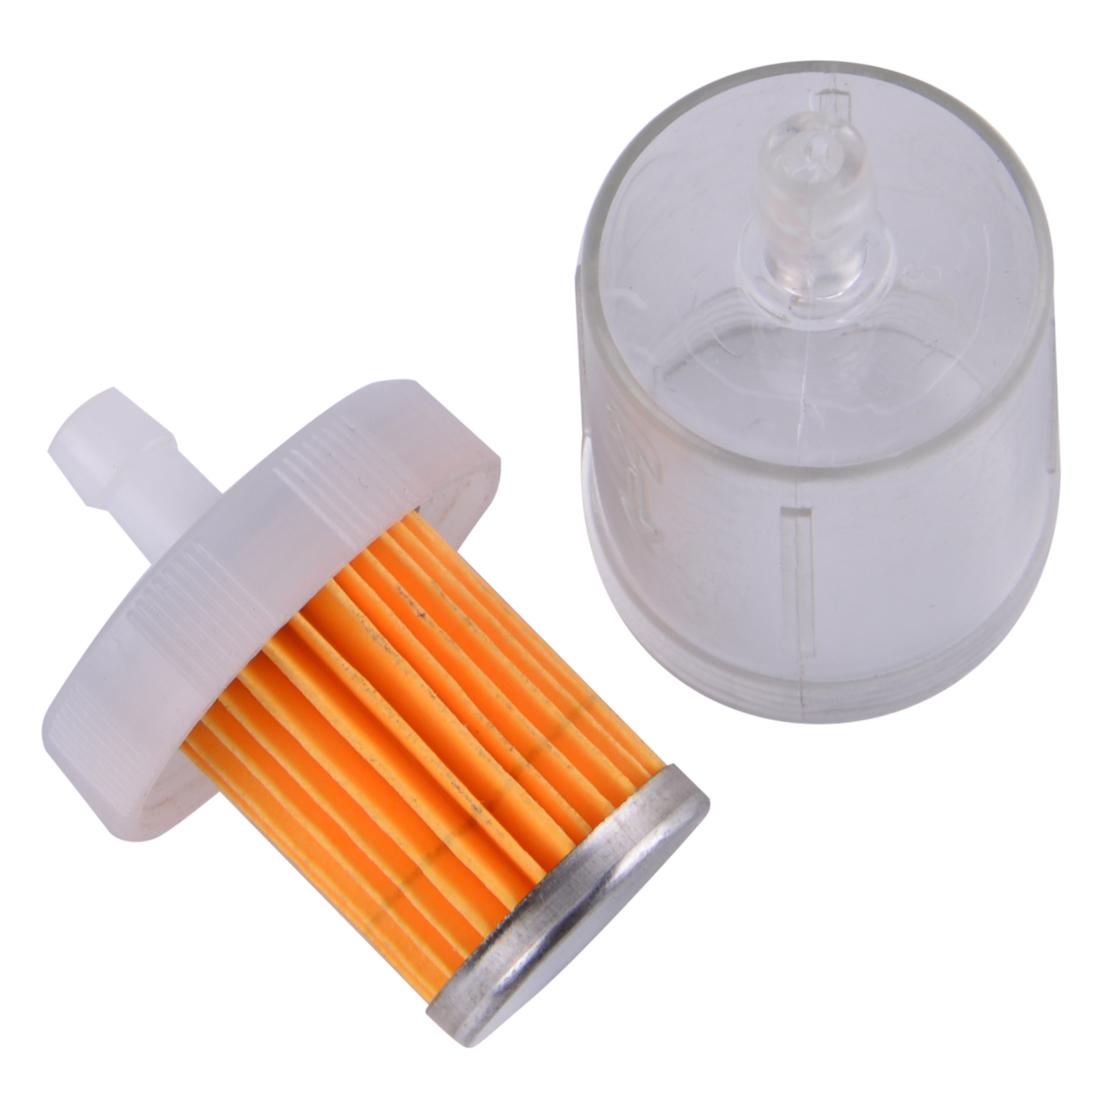 Luftfilter Kraftstofffilter Satz für Kawasaki FR651V FR691V FR730V FS481V FS541V